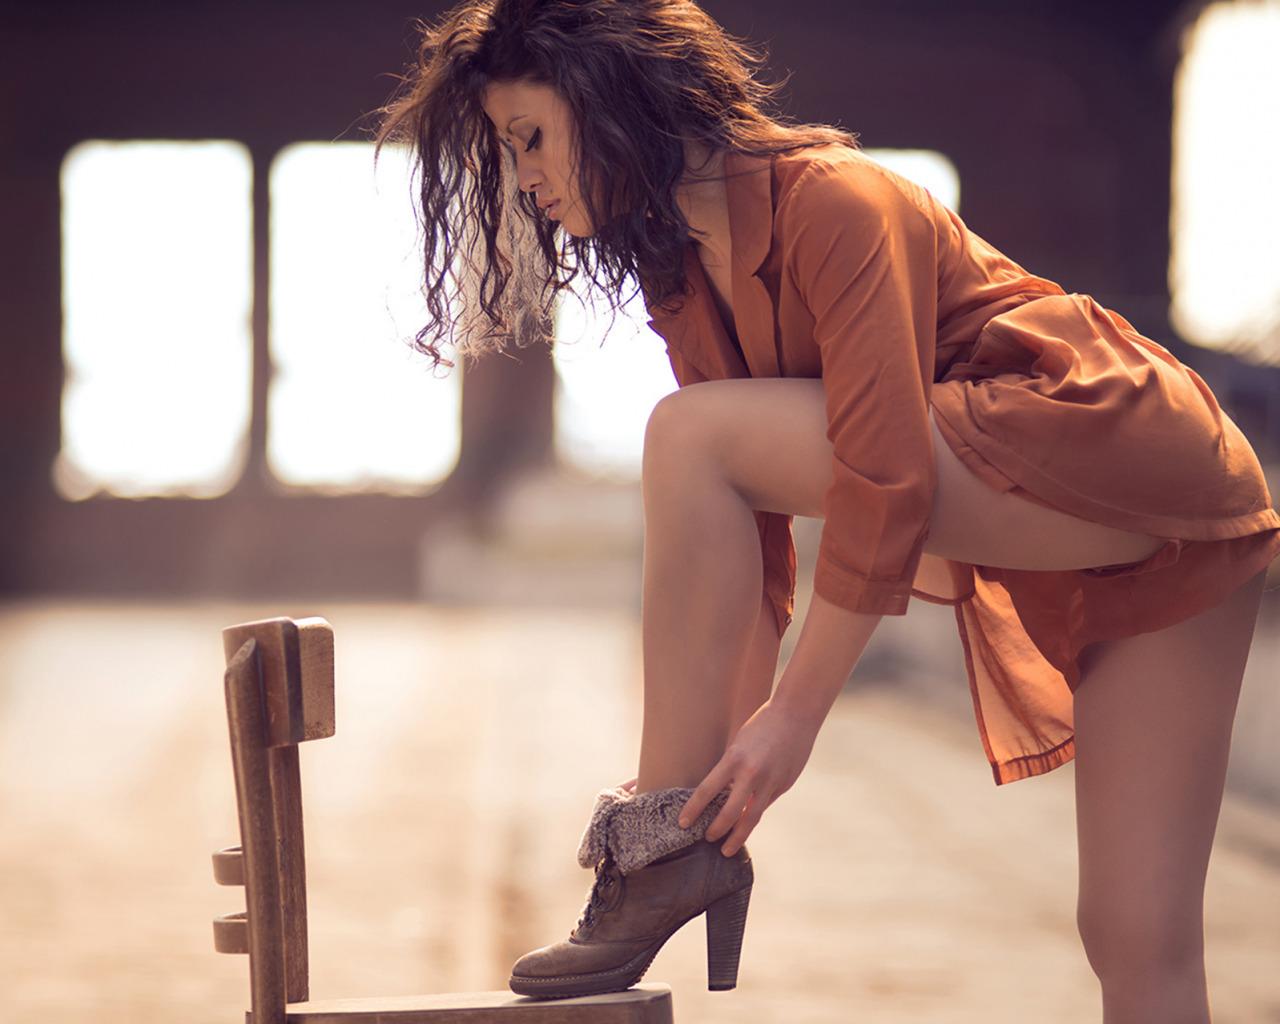 Ноги врозь девушки фото